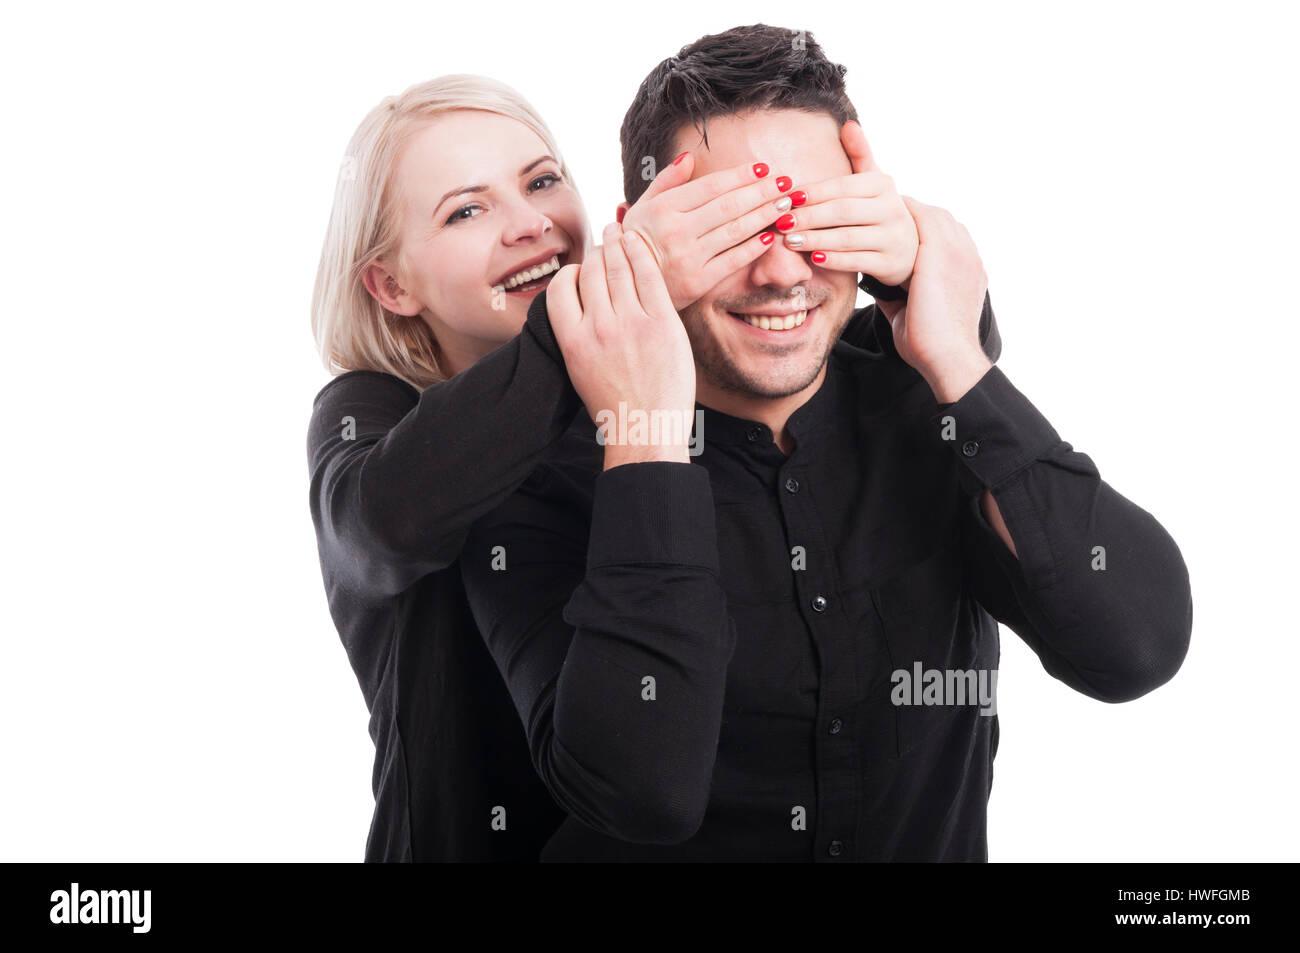 Feliz joven sorprende a su novio de la espalda aislado sobre fondo blanco. Imagen De Stock